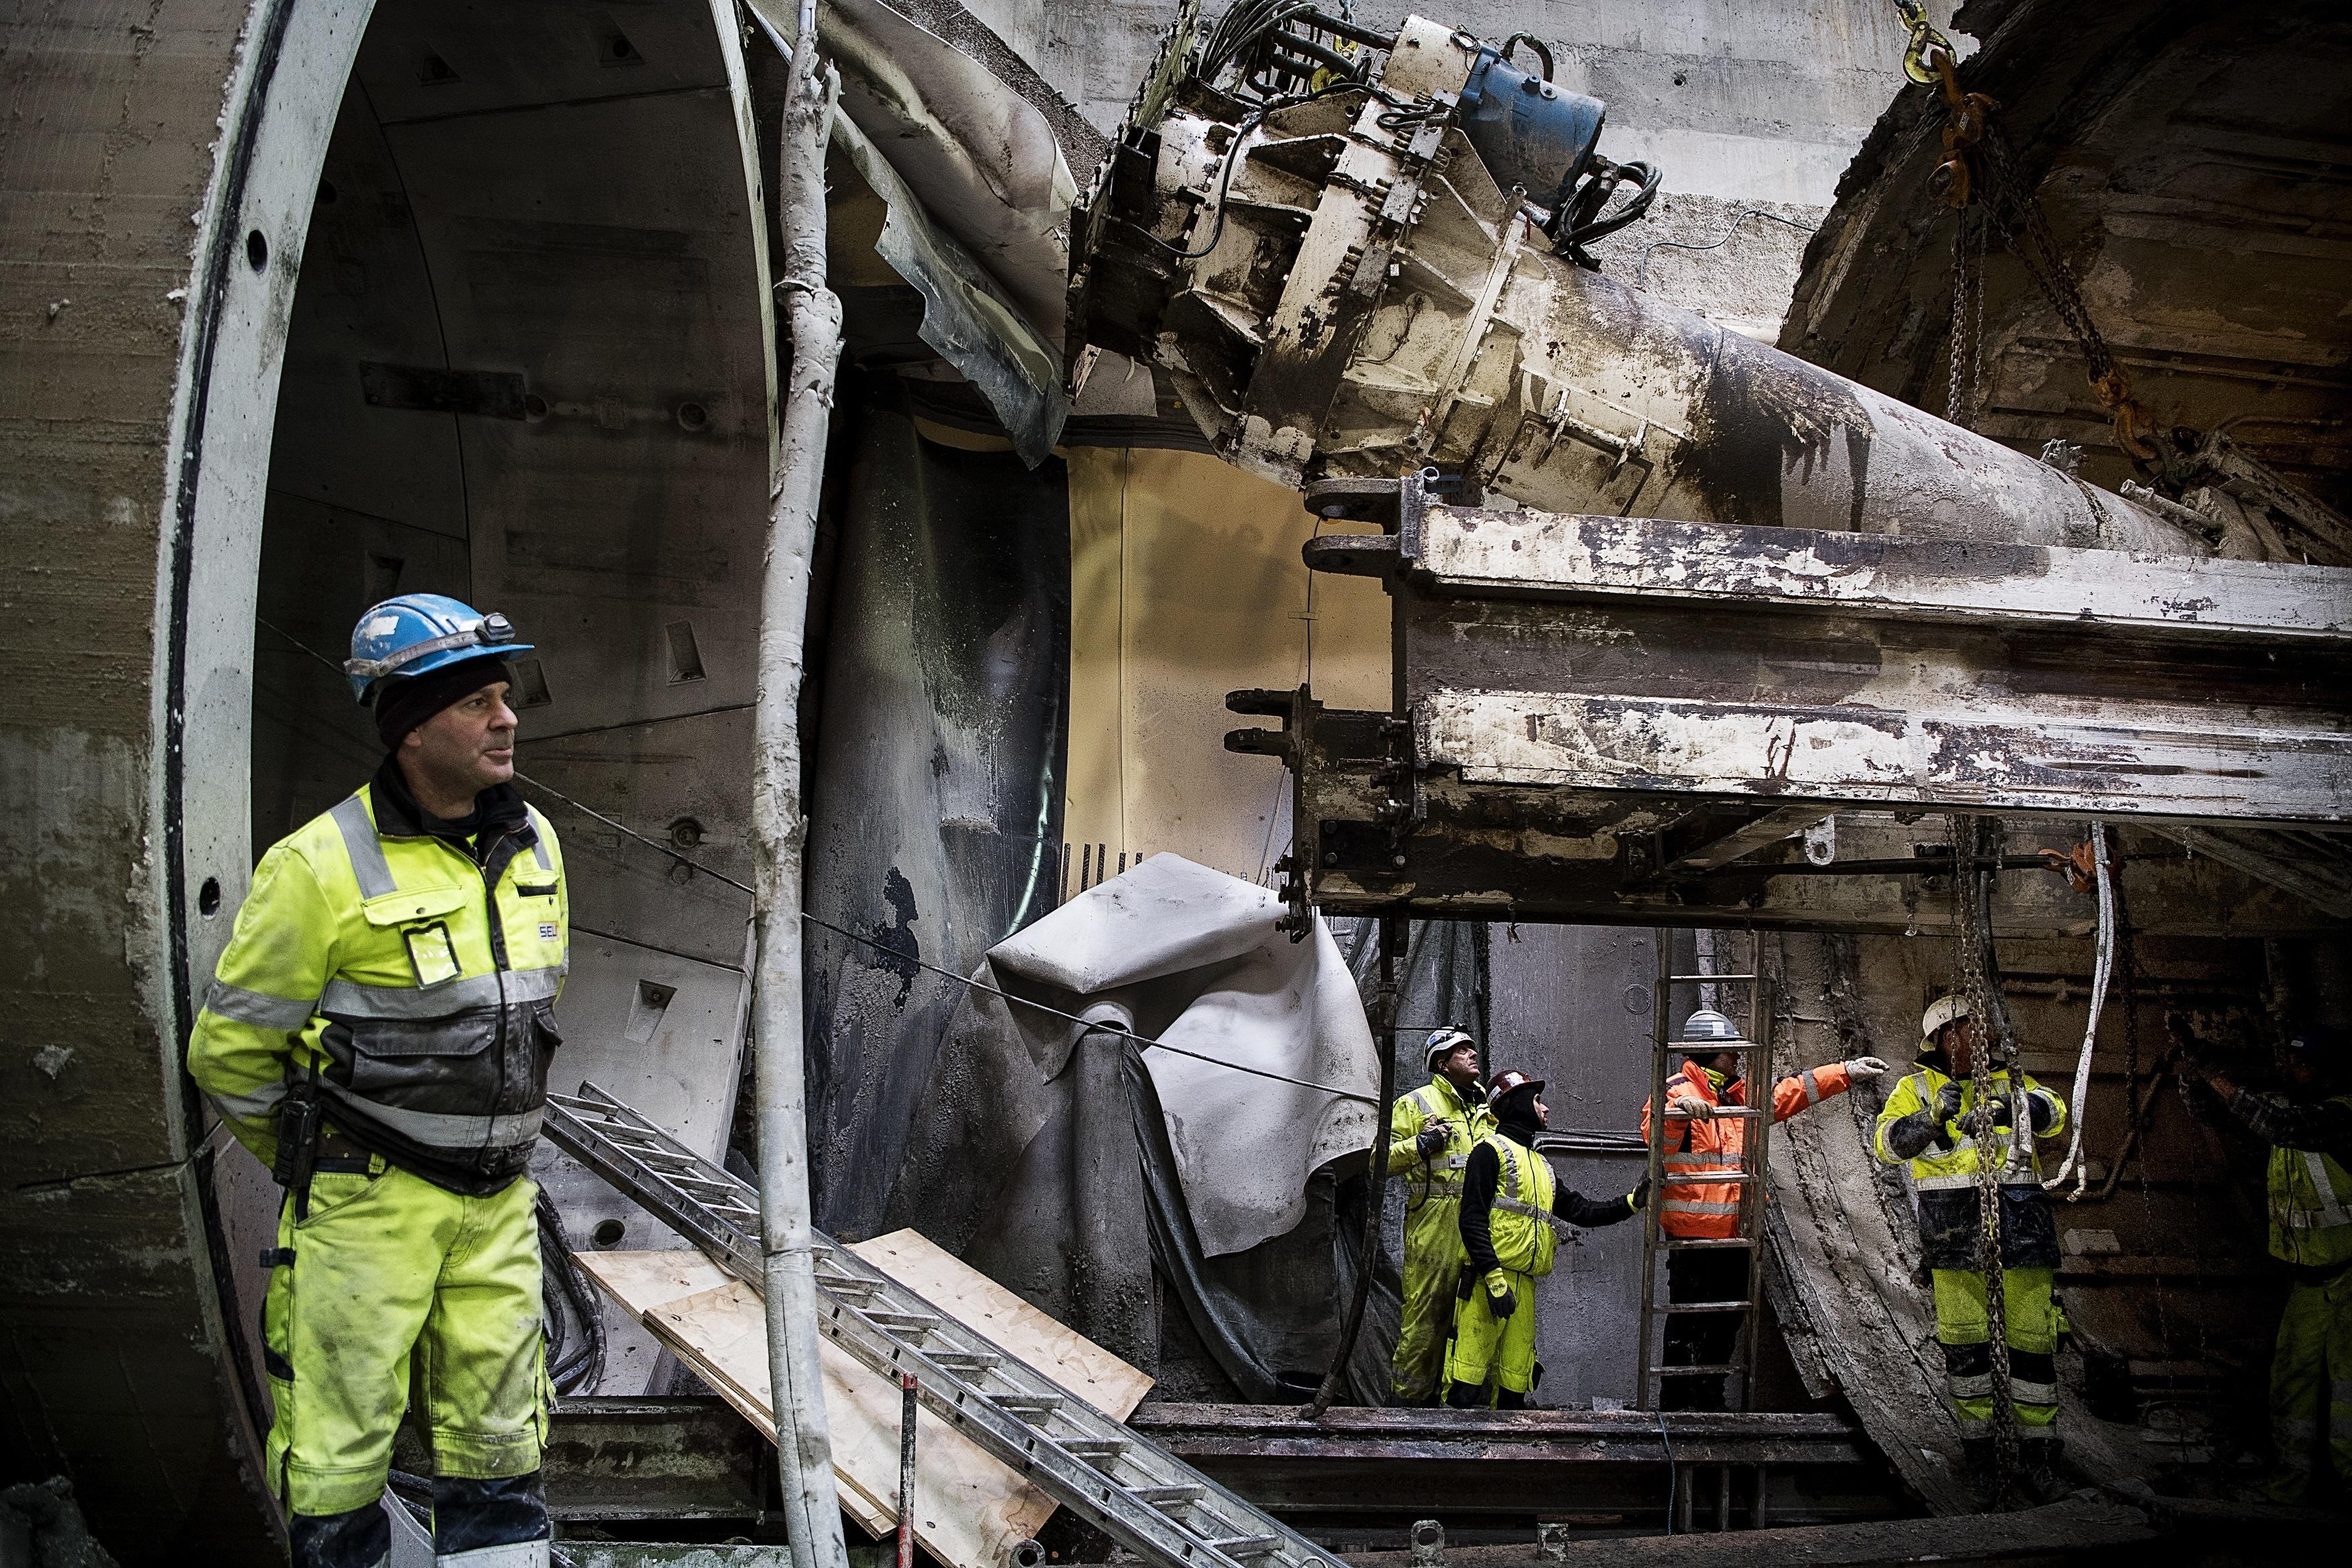 Metrobyggeriet i København har været en farlig arbejdsplads. Alt i alt er der givet bøder for over tre millioner kroner efter 52 overtrædelser af love om arbejdsmiljø.